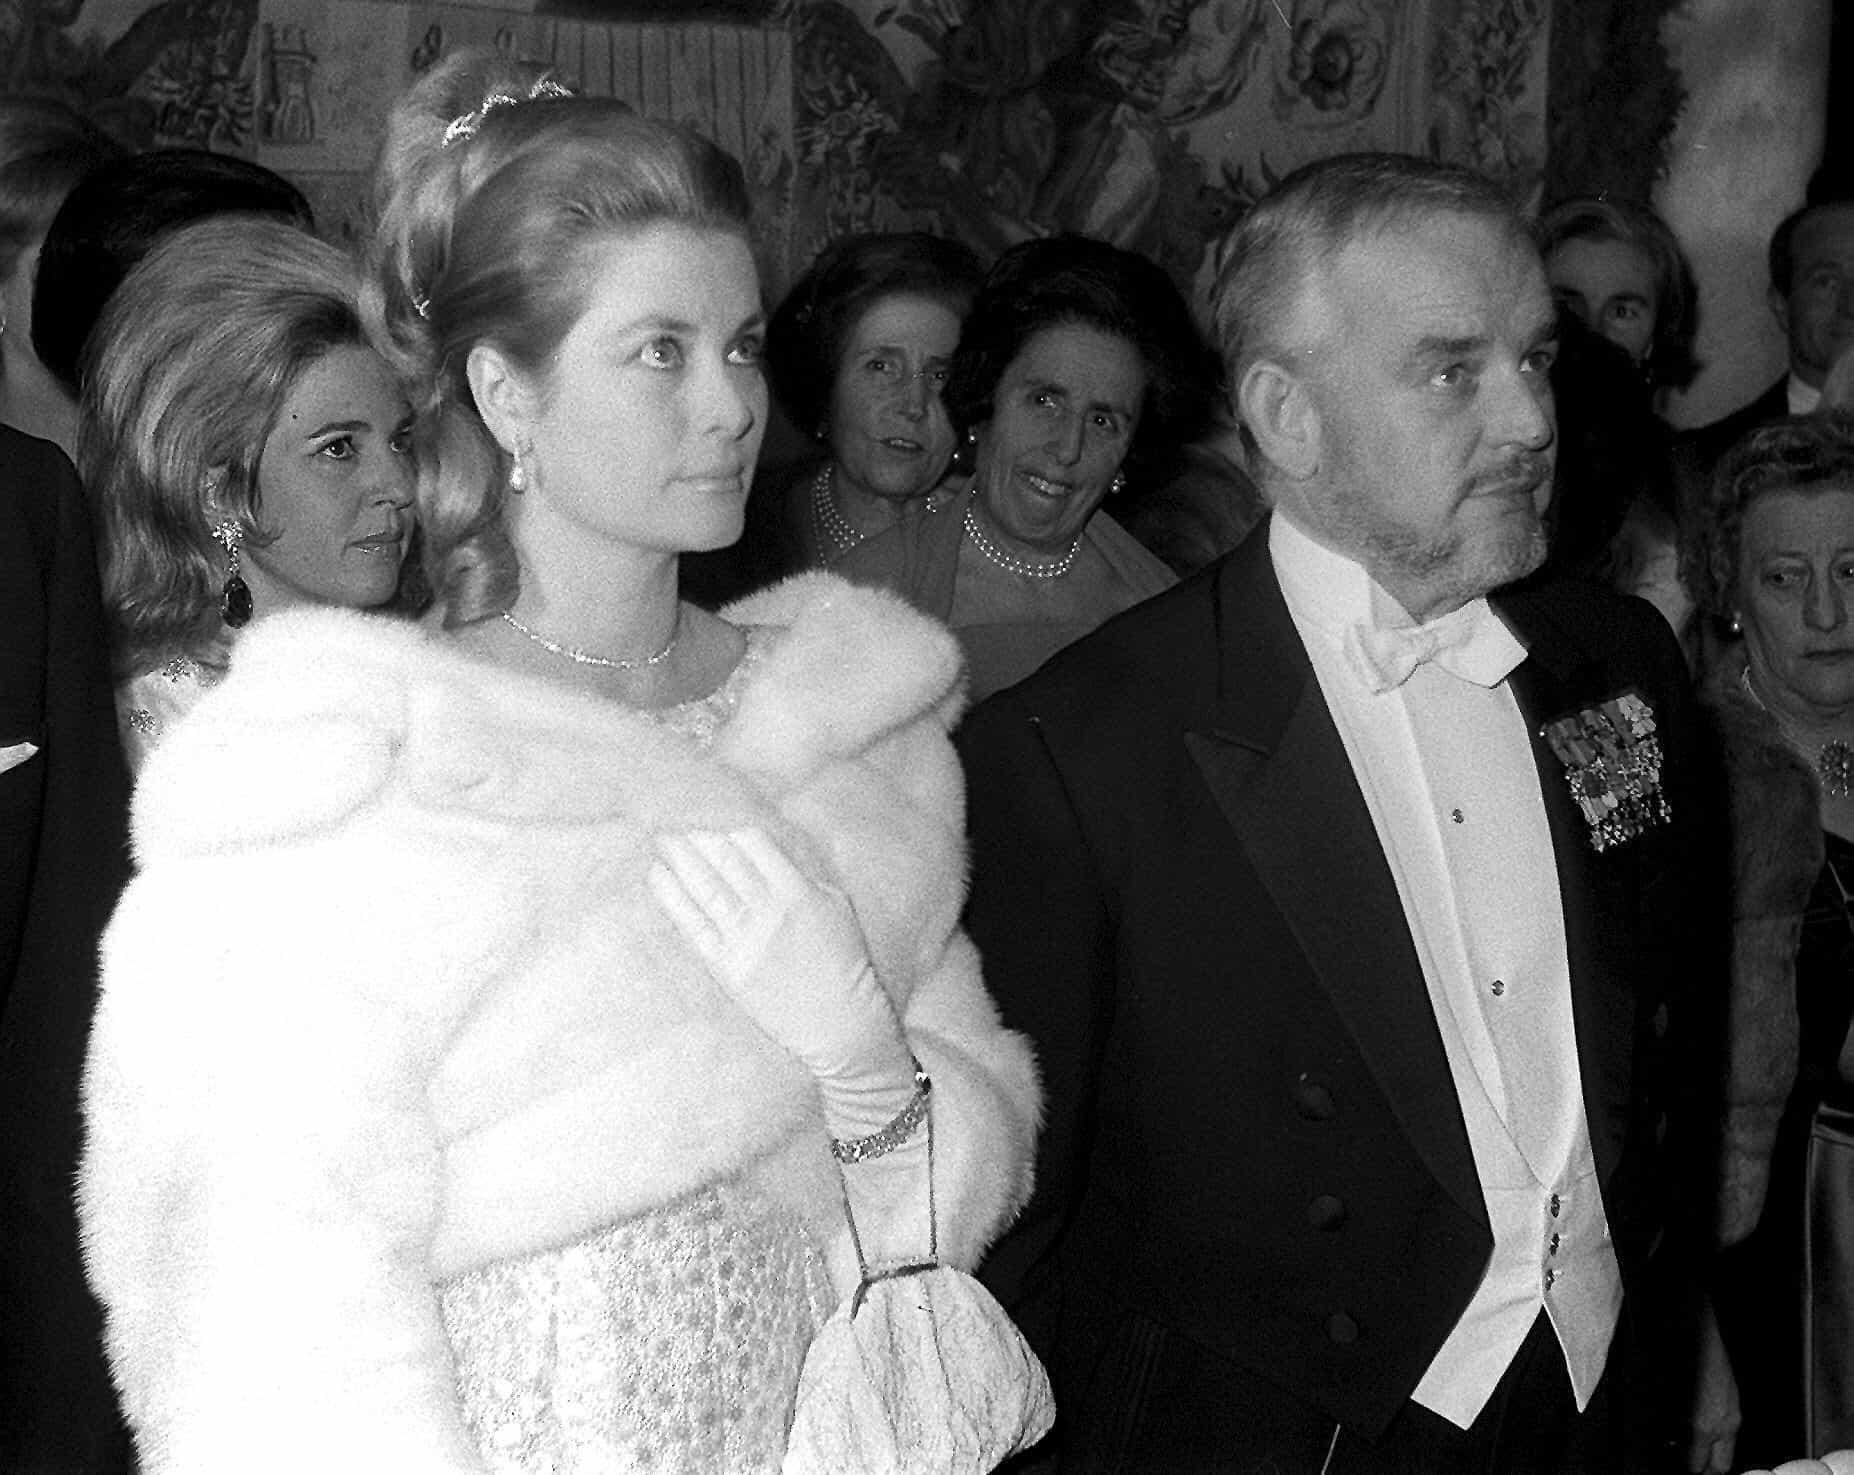 La princesse Grace et le prince Rainier III de Monaco se tiennent côte à côte pendant leur mariage.